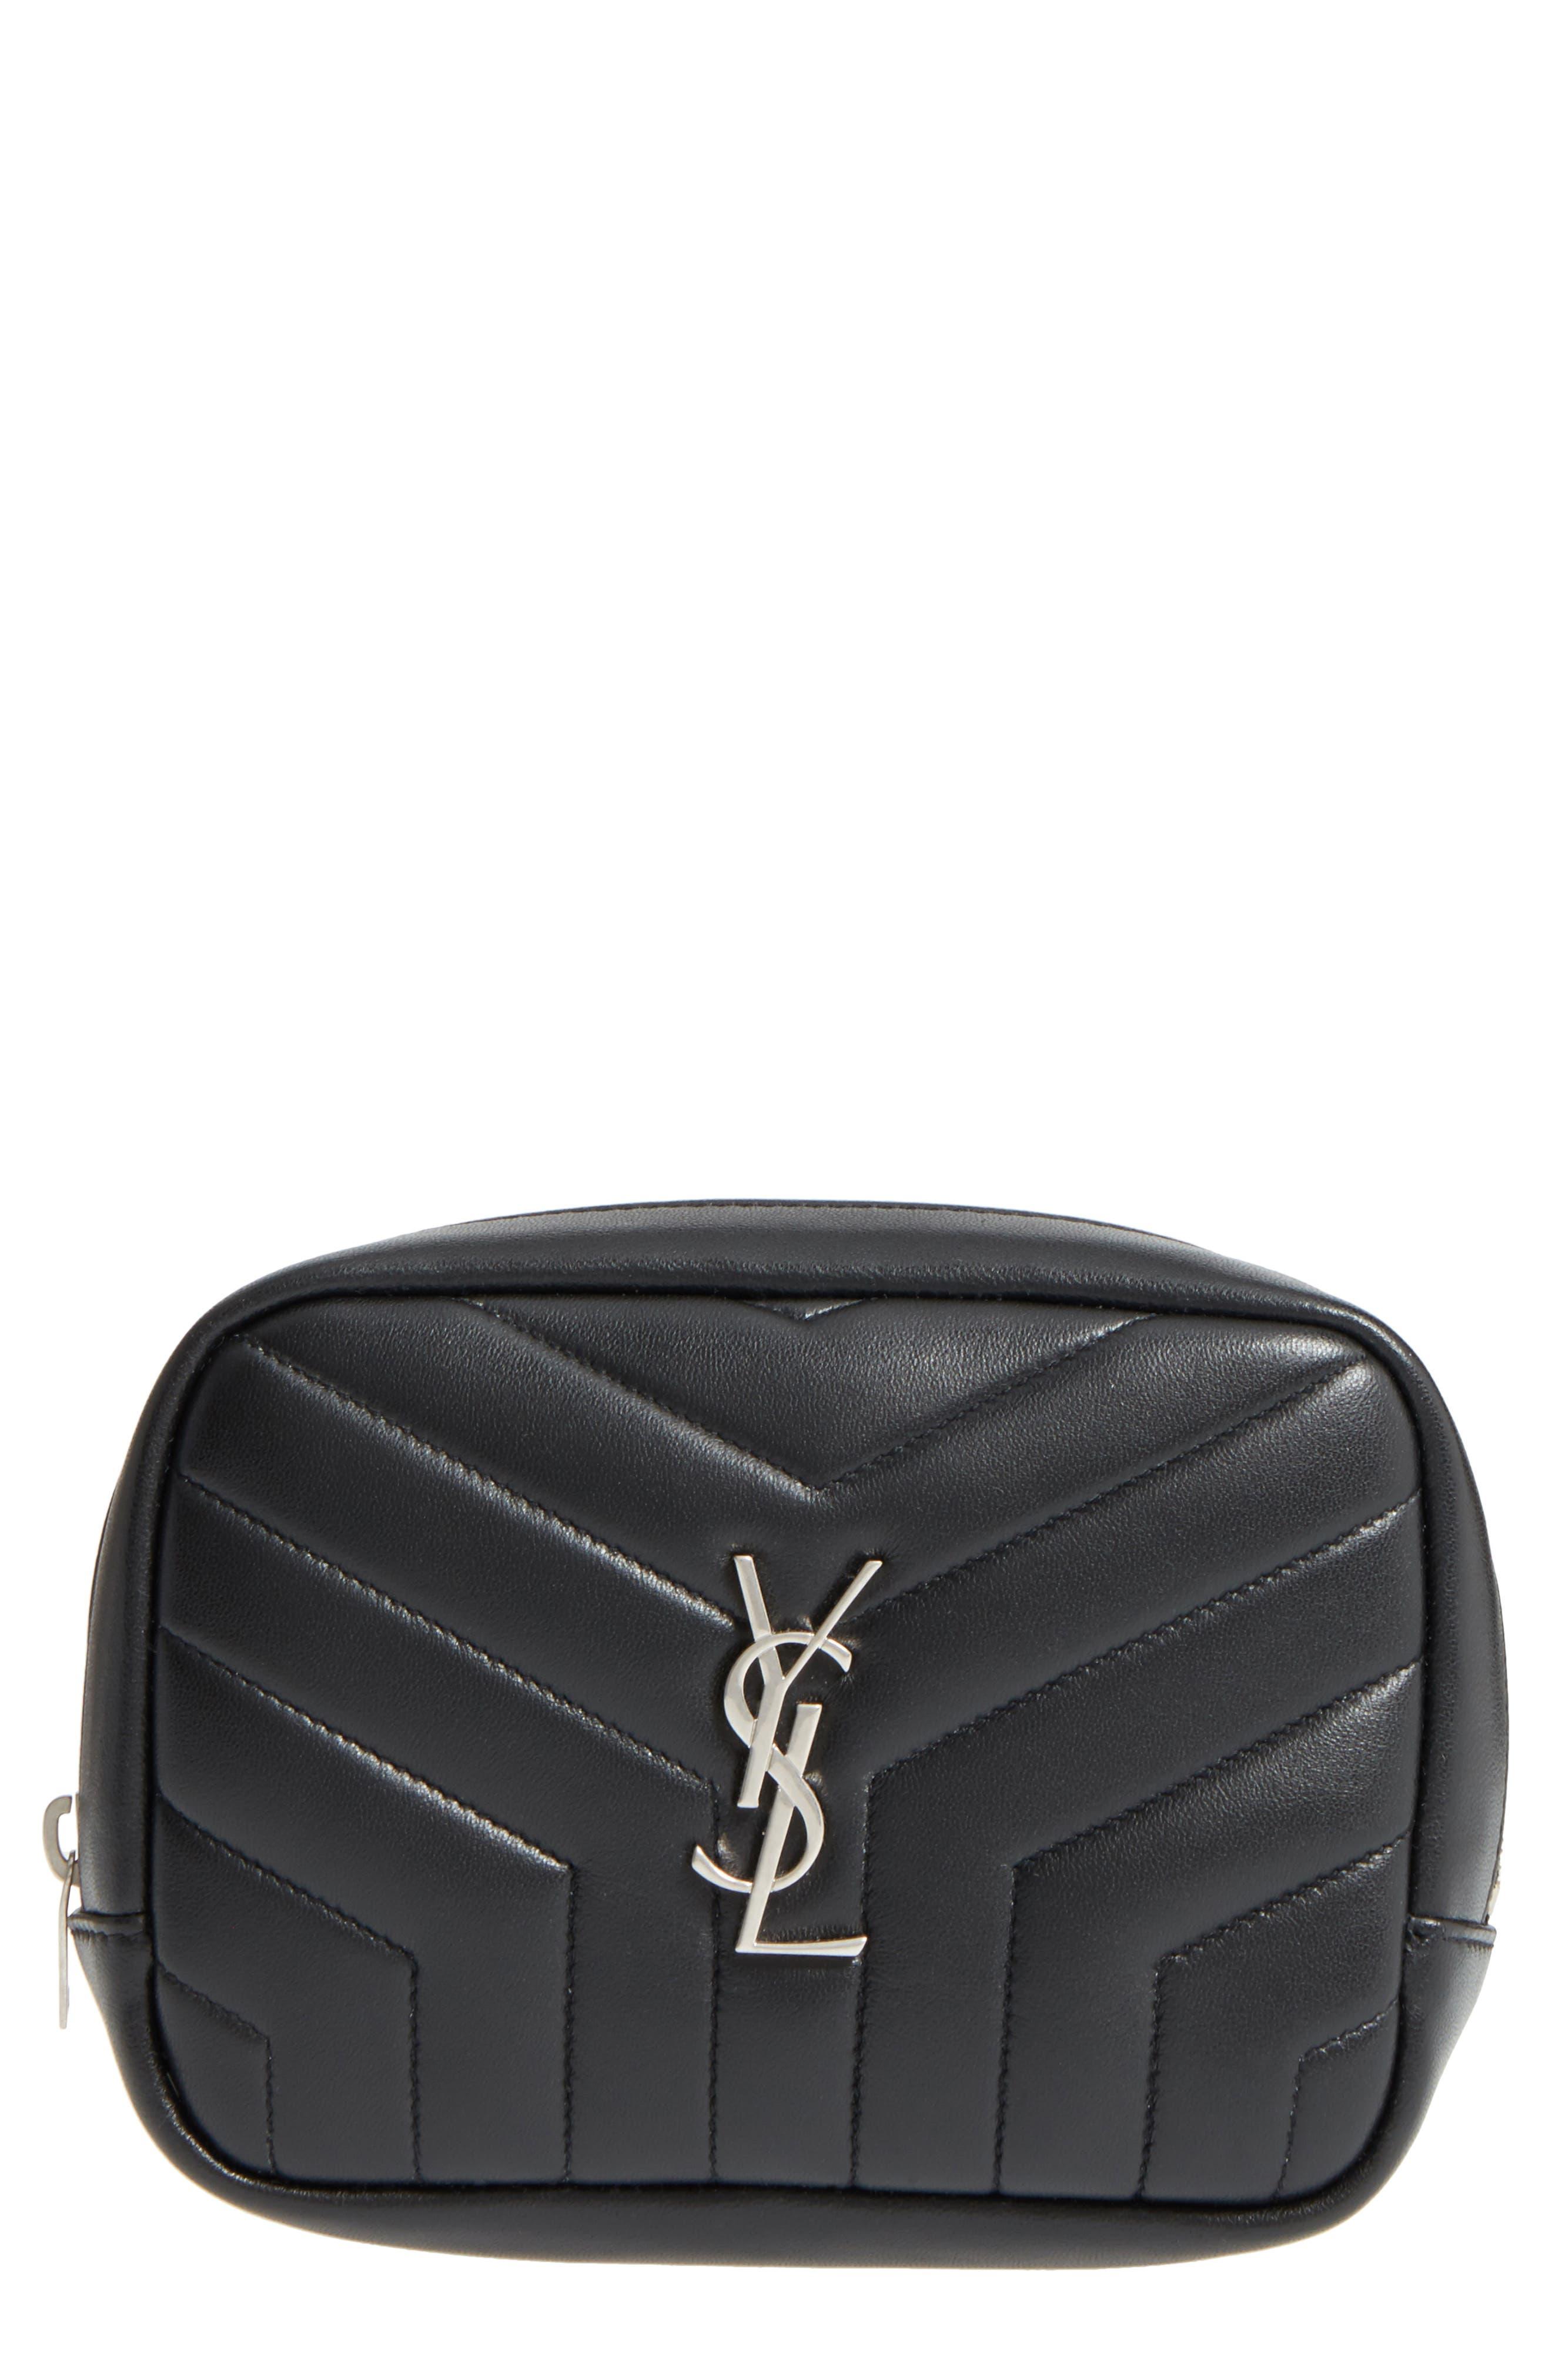 Alternate Image 1 Selected - Saint Laurent Loulou Matelassé Leather Cosmetics Case